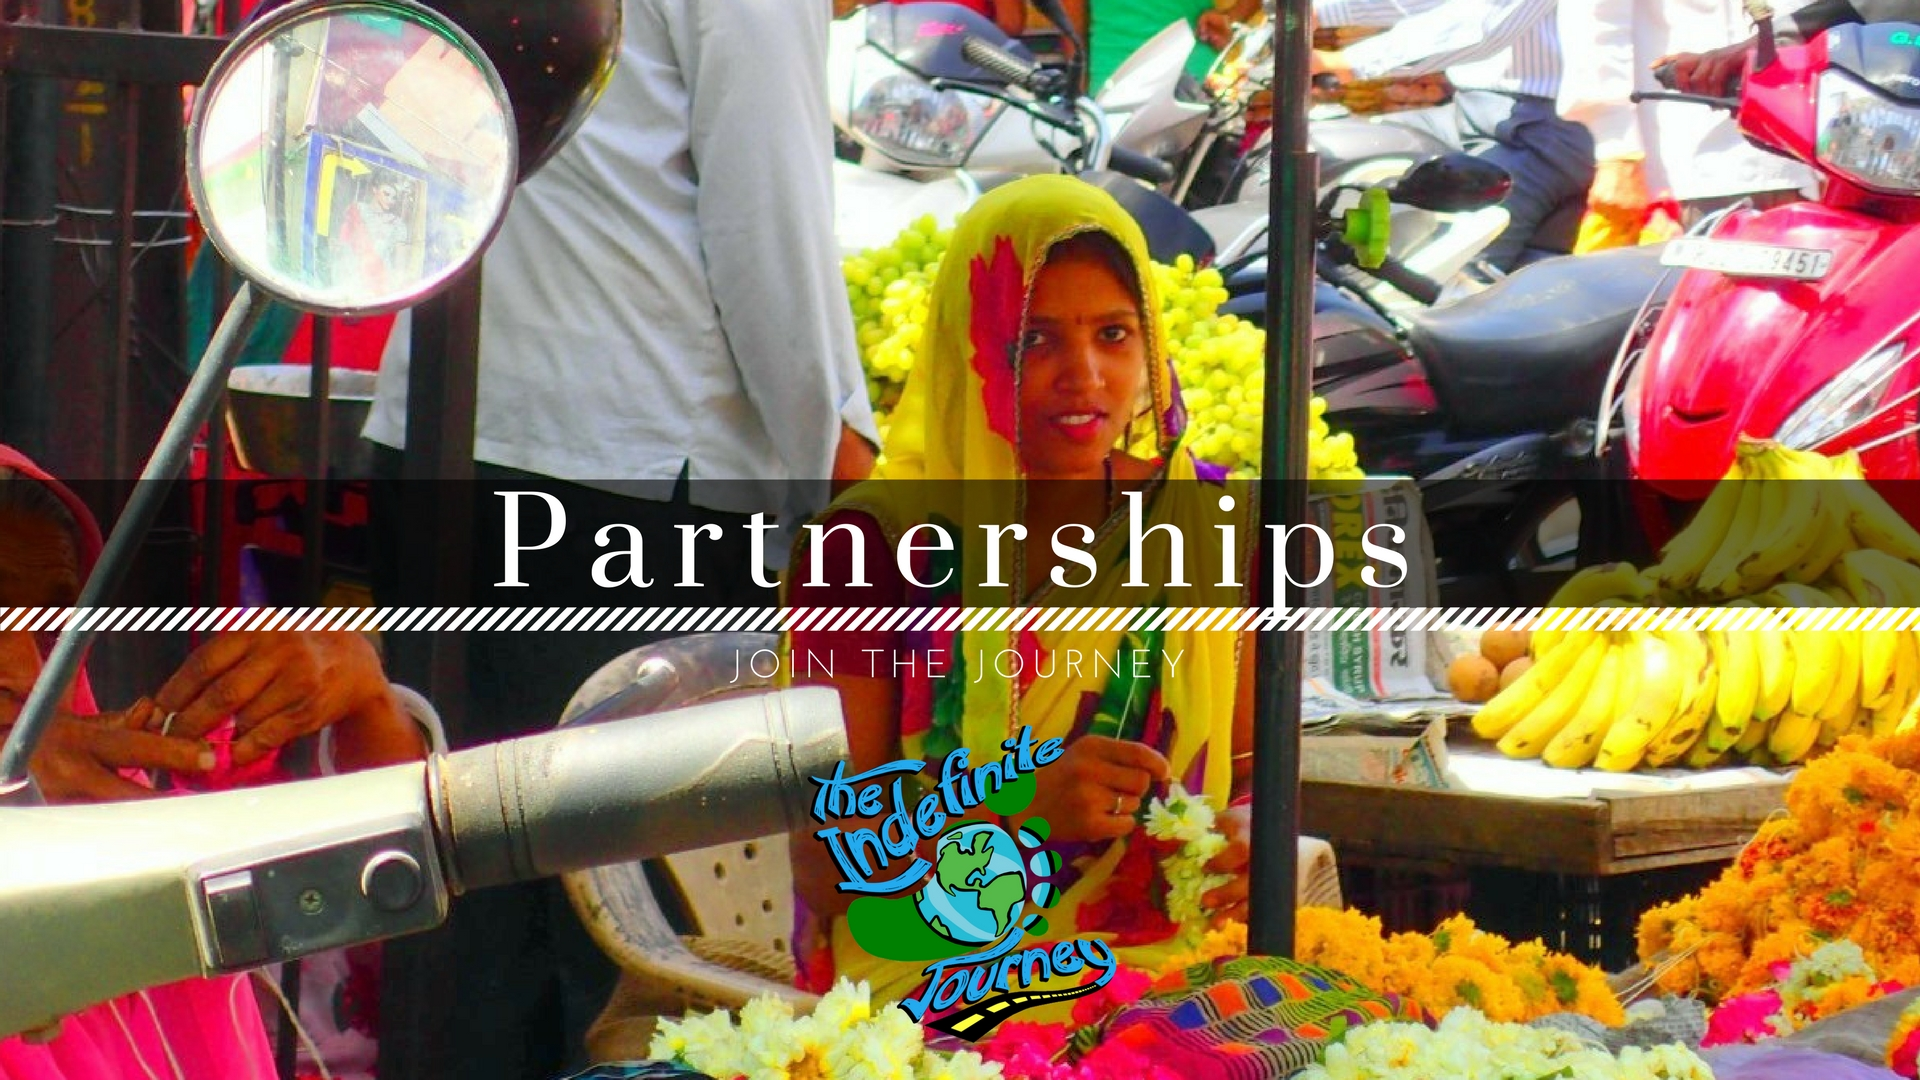 Partnerships - The Indefinite Journey